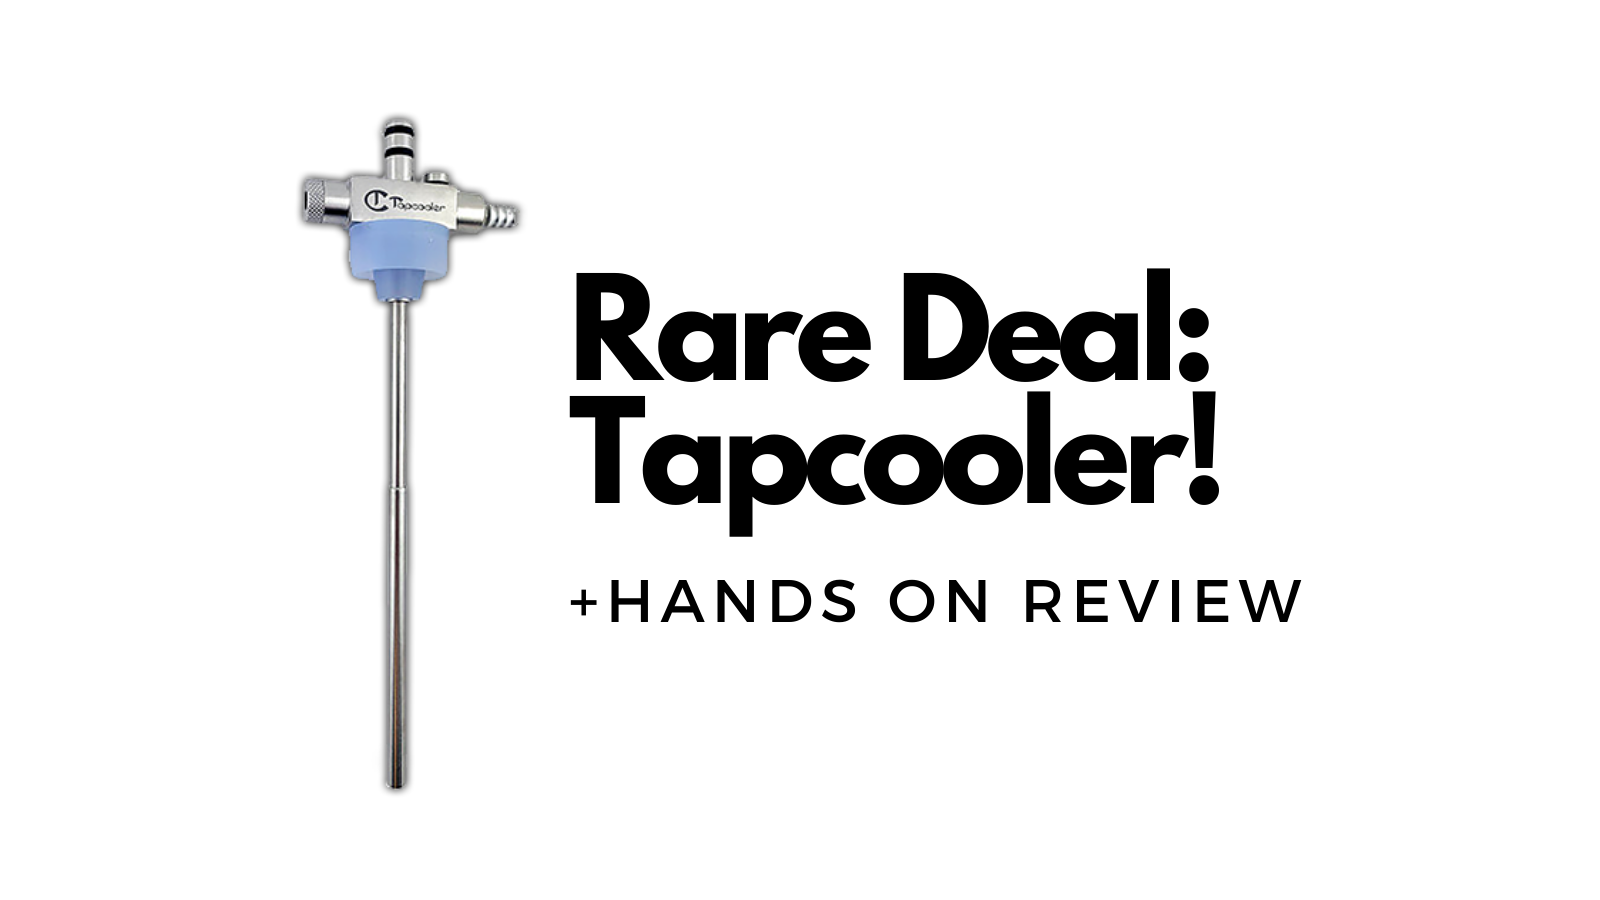 tapcooler deal